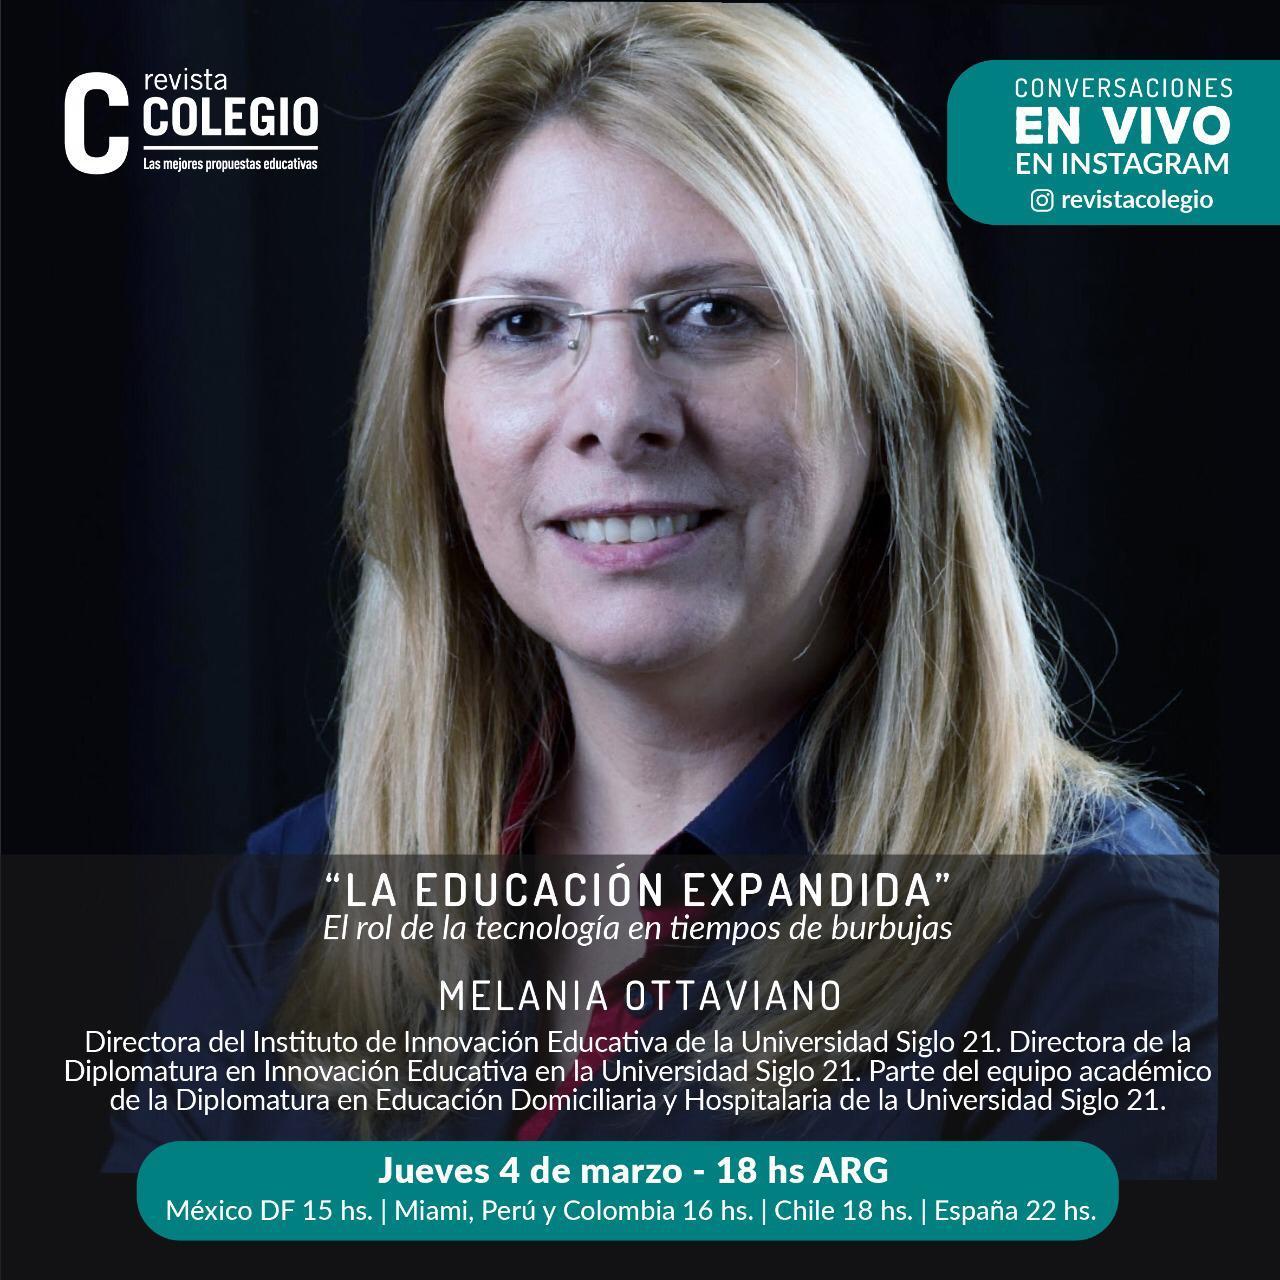 Melania Ottaviano conversará este jueves 4 de marzo en vivo con Revista Colegio